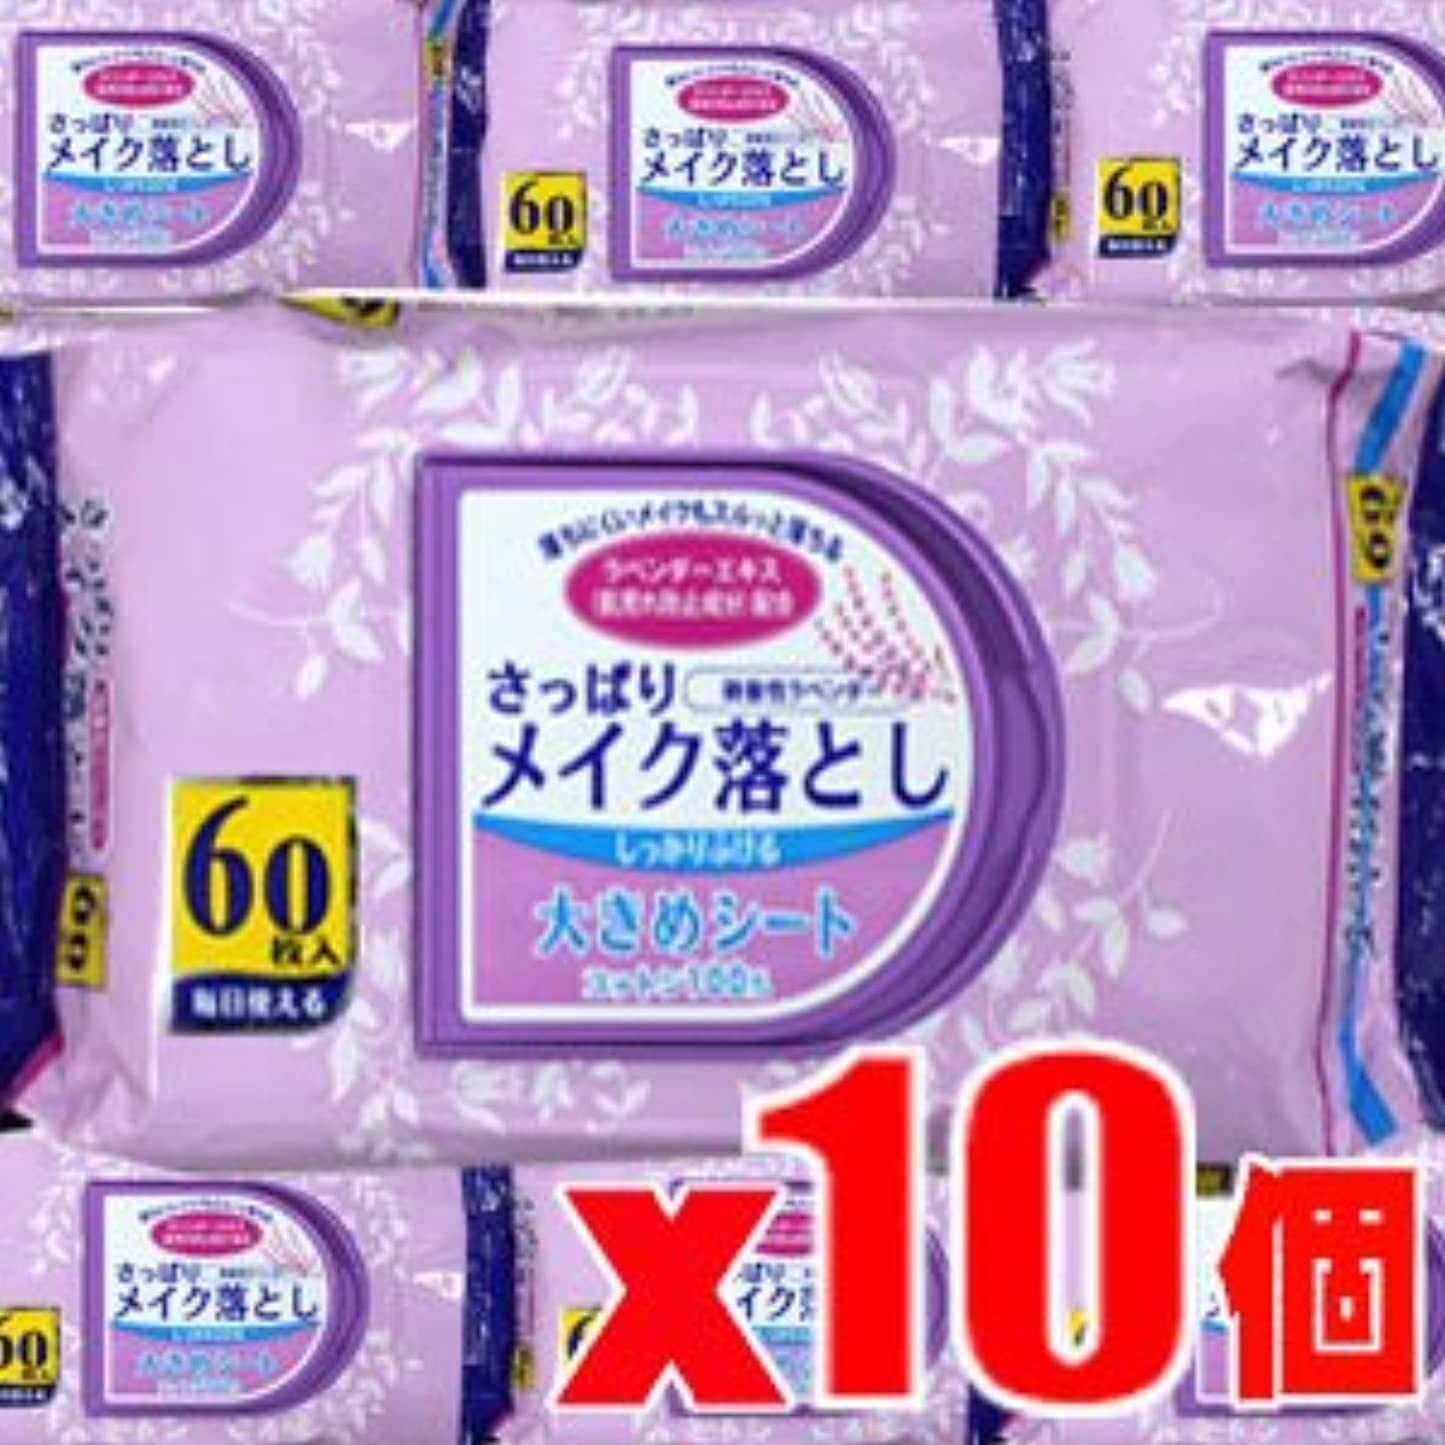 炭水化物神学校仲間【10個】さっぱり メイク落とし 60枚x10個 (4994416031245)